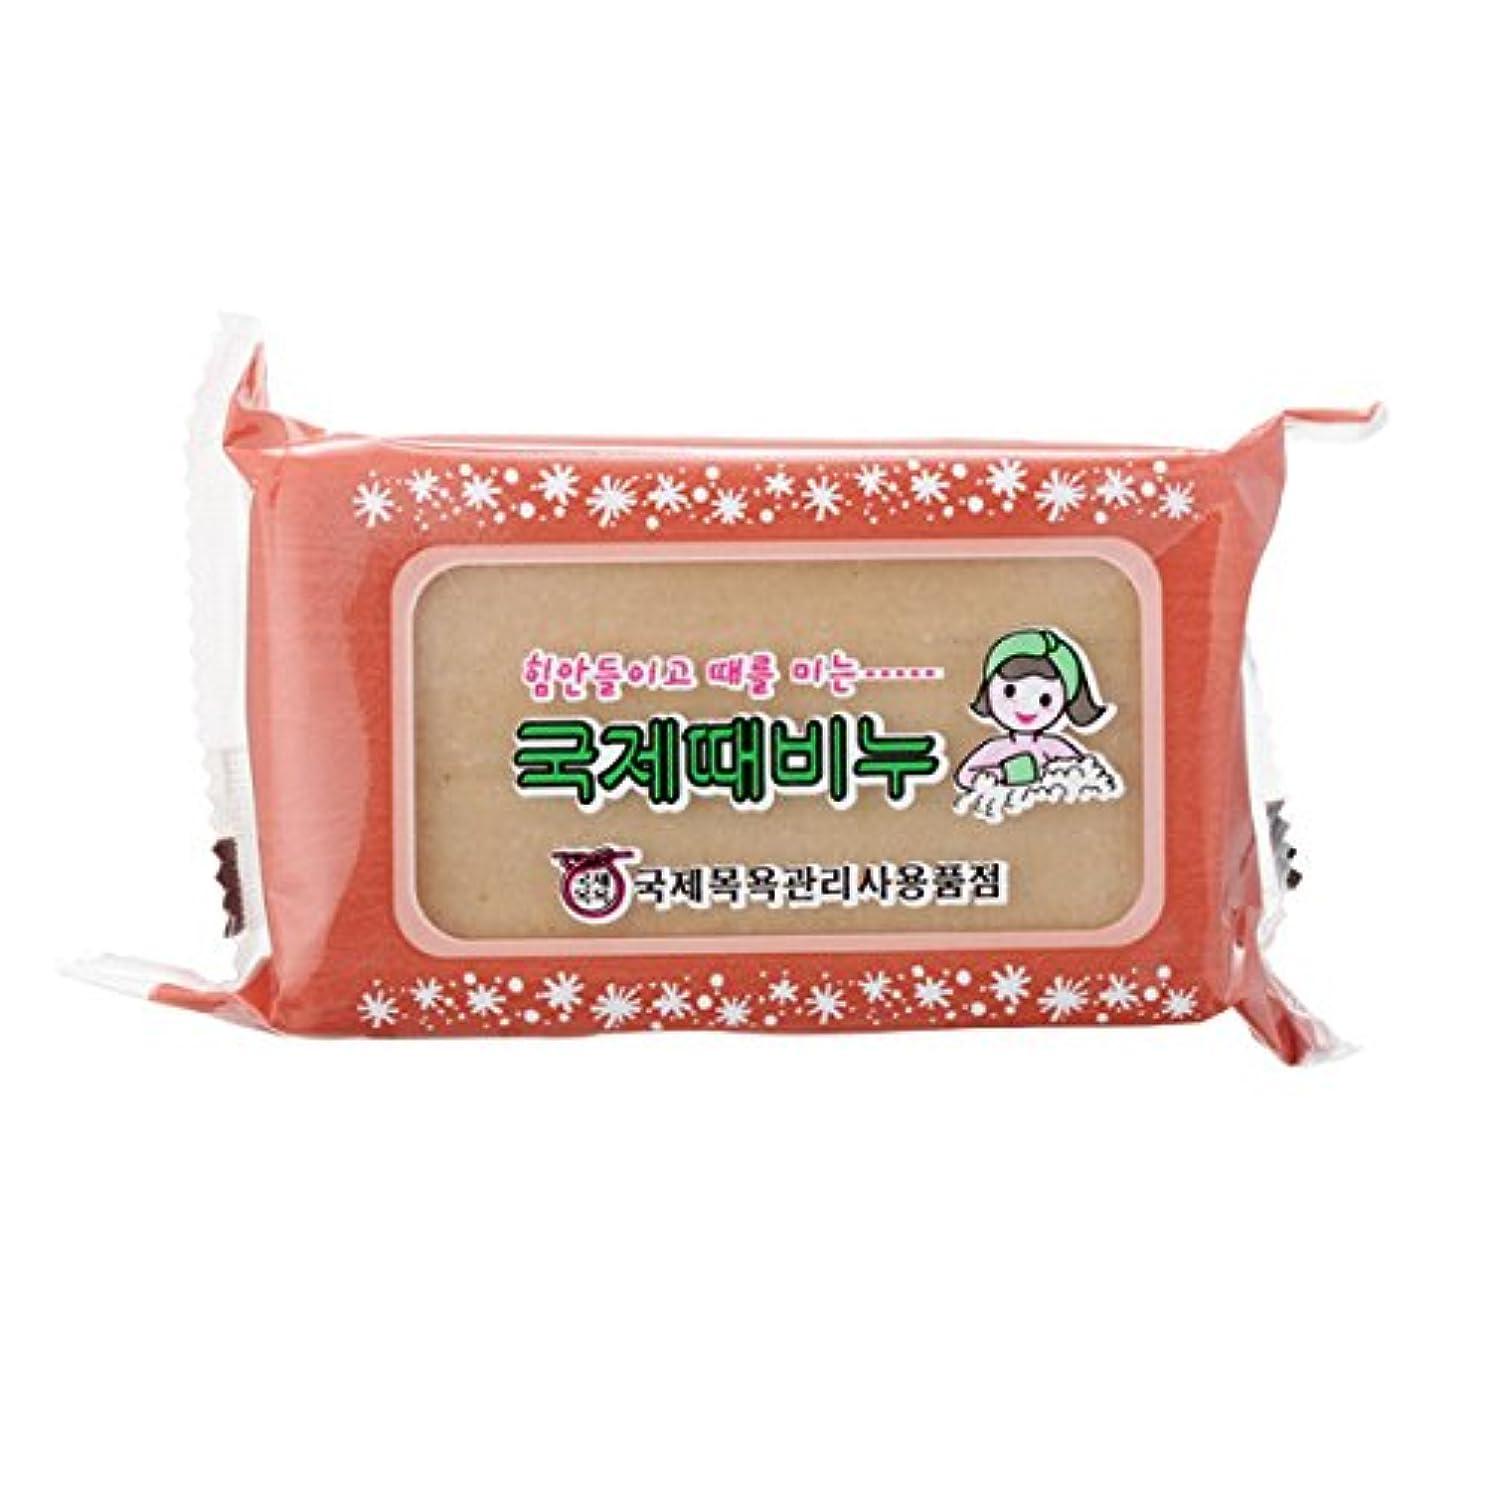 怠子猫許可するアカスリ石鹸 1個 [ アカスリ石けん あかすり石鹸 あかすり石けん 垢すり 業務用 ]◆